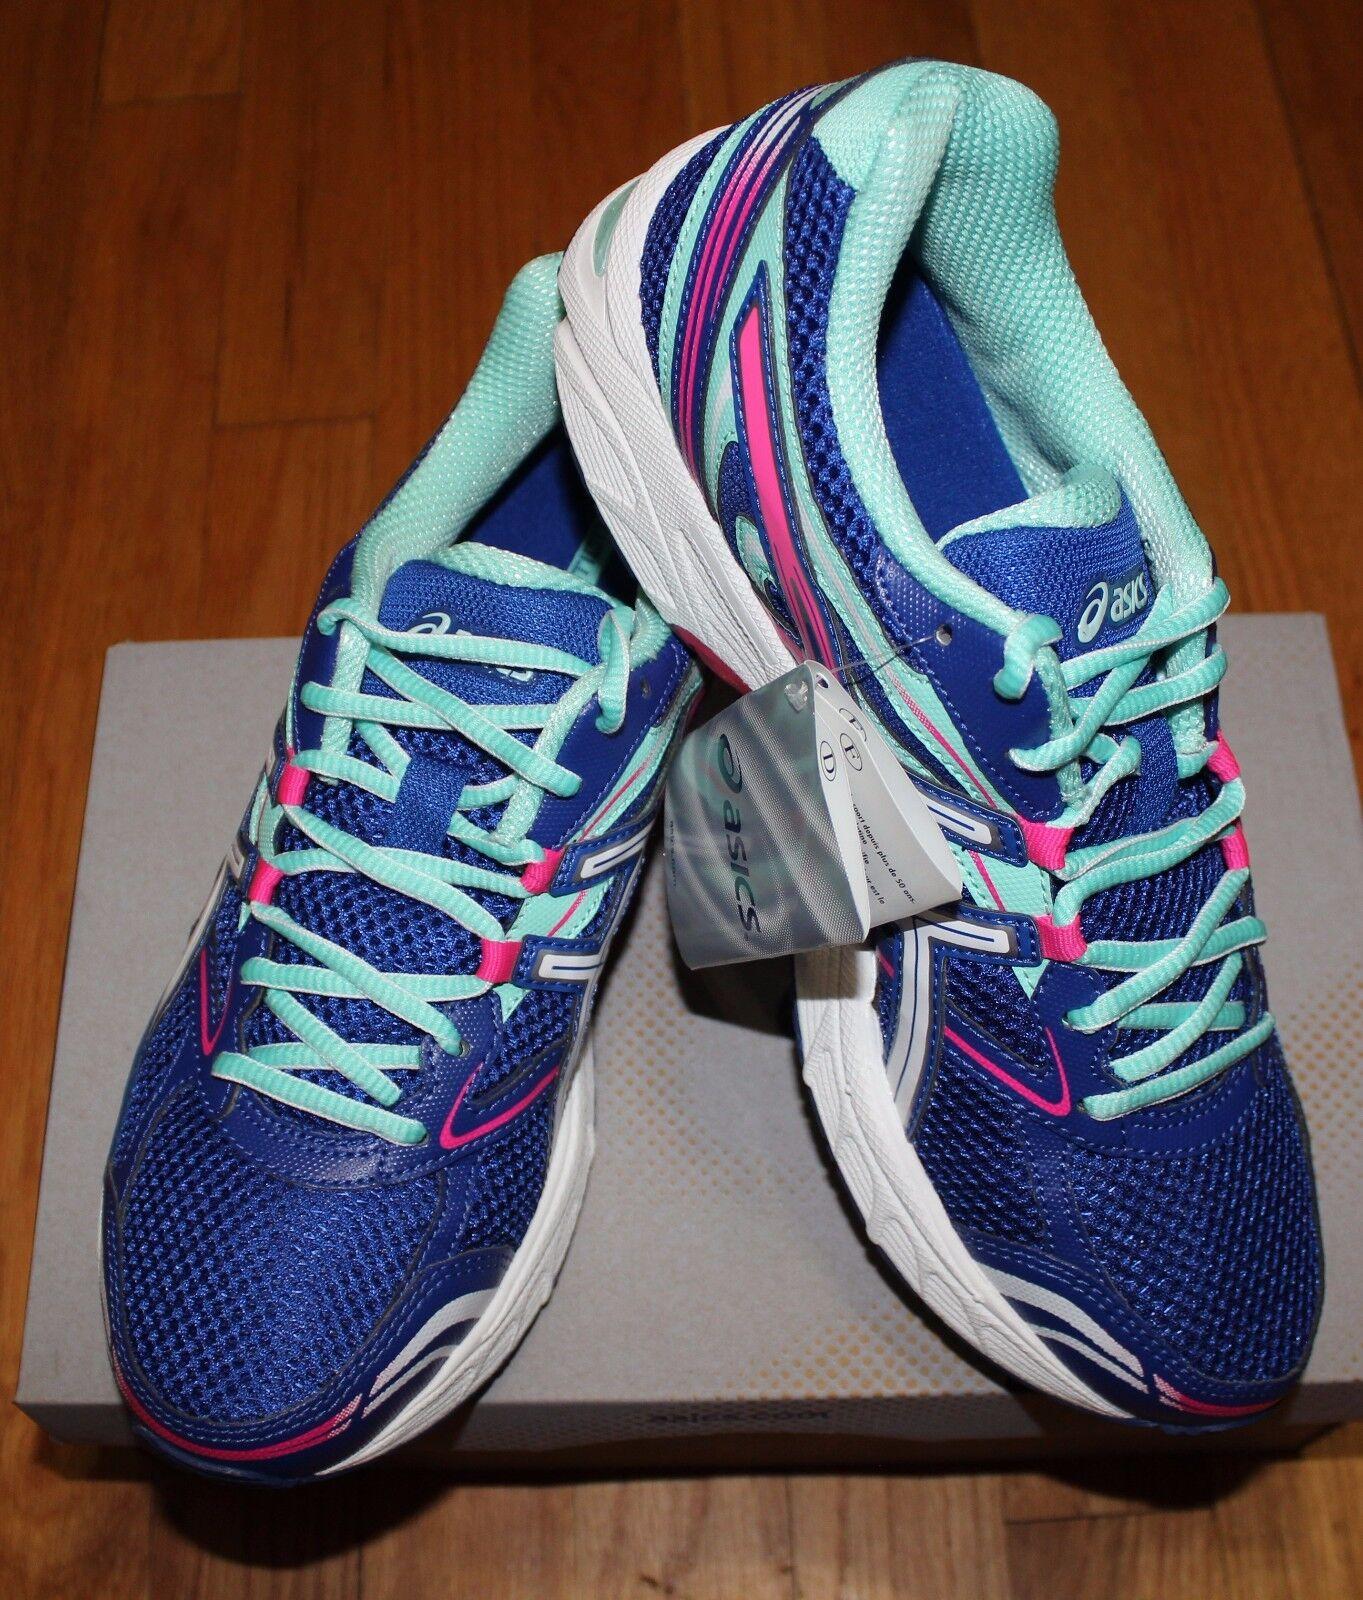 ASICS bleu GEL EQUATION 8 RUNNING  Chaussures  SZ US 11